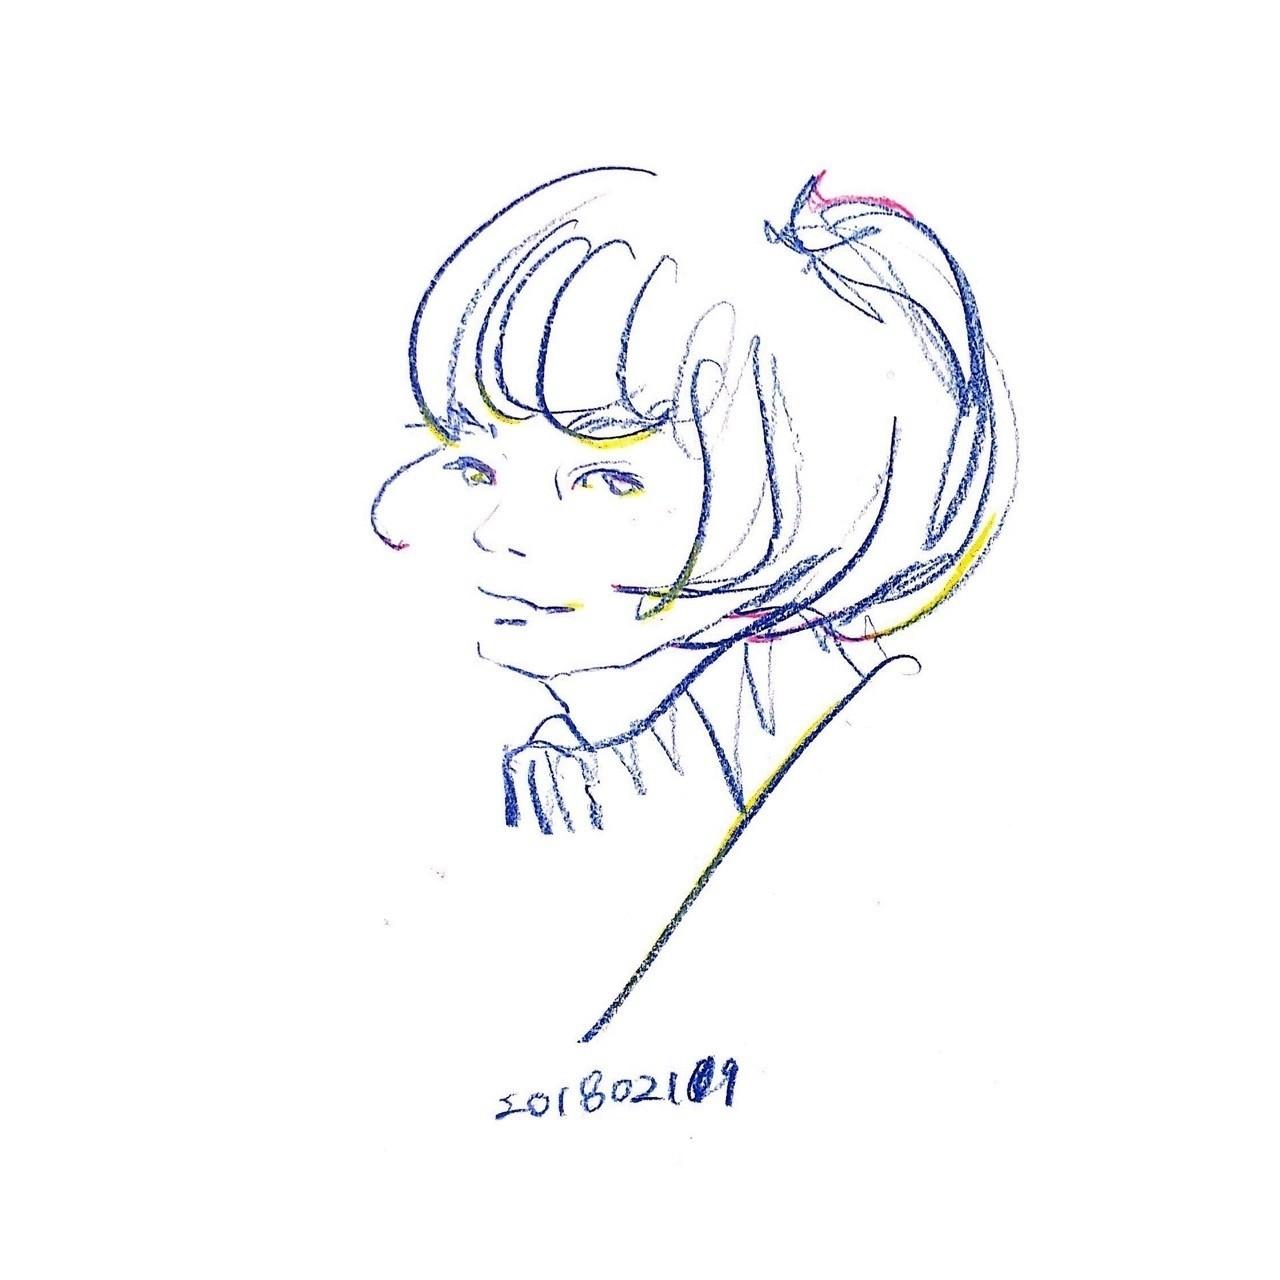 #illust #illustration #croquis #doodle #drawing #kawaii #cool #fashion #ennui #アンニュイ #イラスト #ファッション #クロッキー #ドローイング